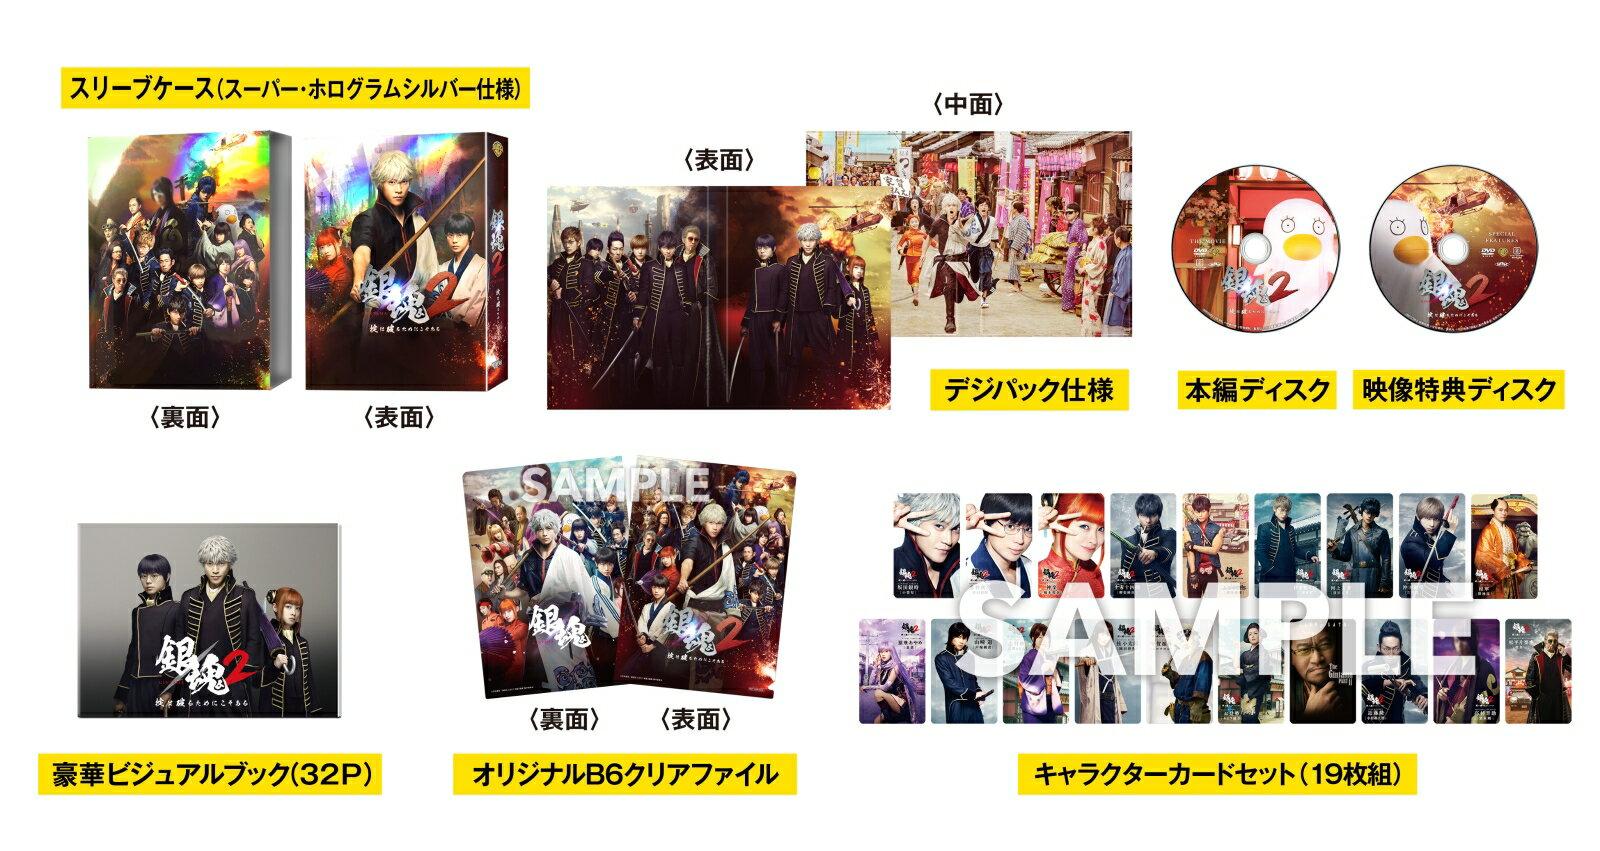 【先着特典】銀魂2 掟は破るためにこそある DVD プレミアム・エディション(2枚組)(初回仕様)(A5クリアファイル付き) [ 小栗旬 ]